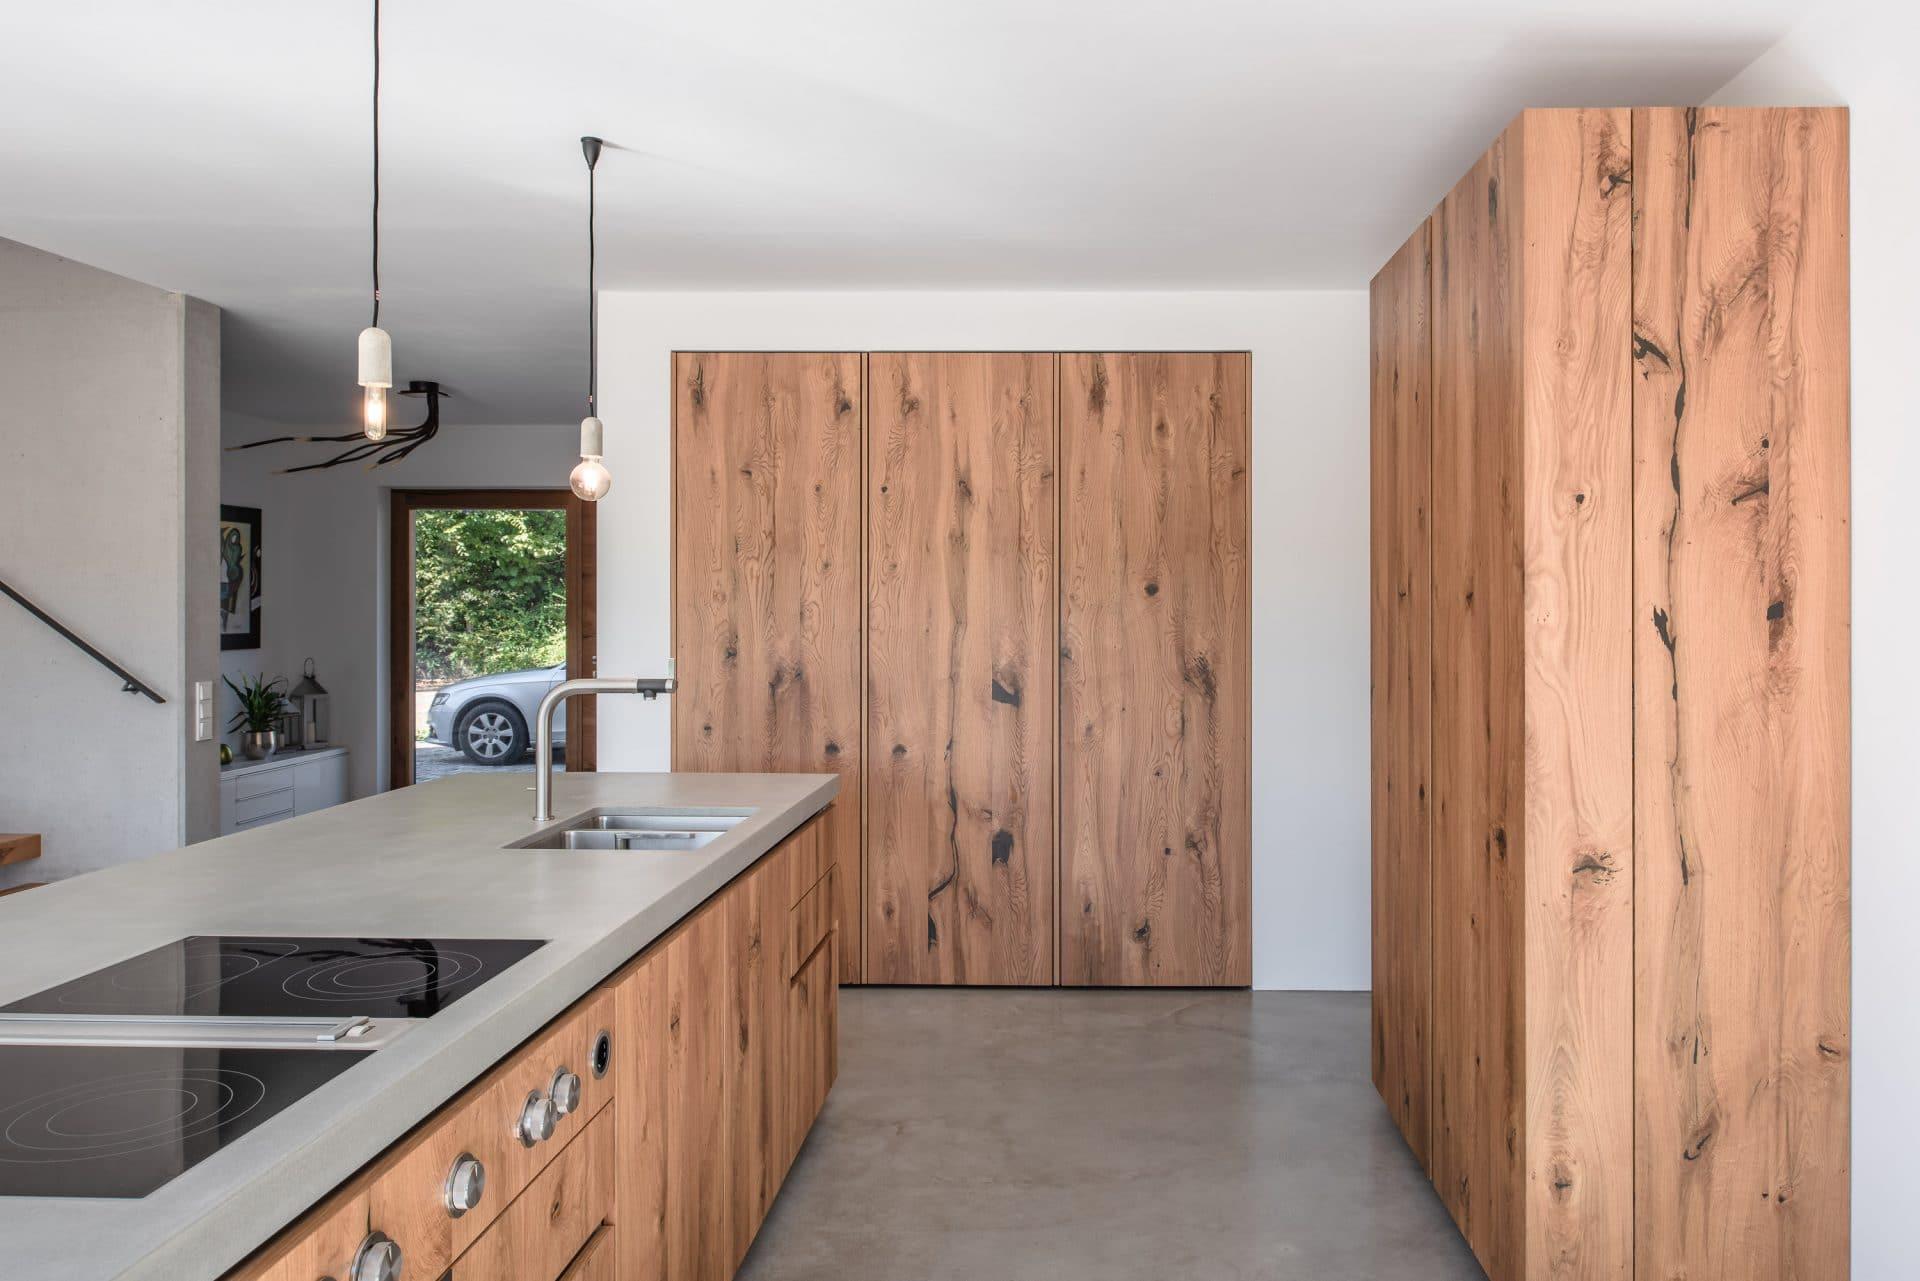 Küchendesign von VOIT aus rustikaler Eiche und Beton, im Hintergrund geschlossene Küchenschränke aus Eiche